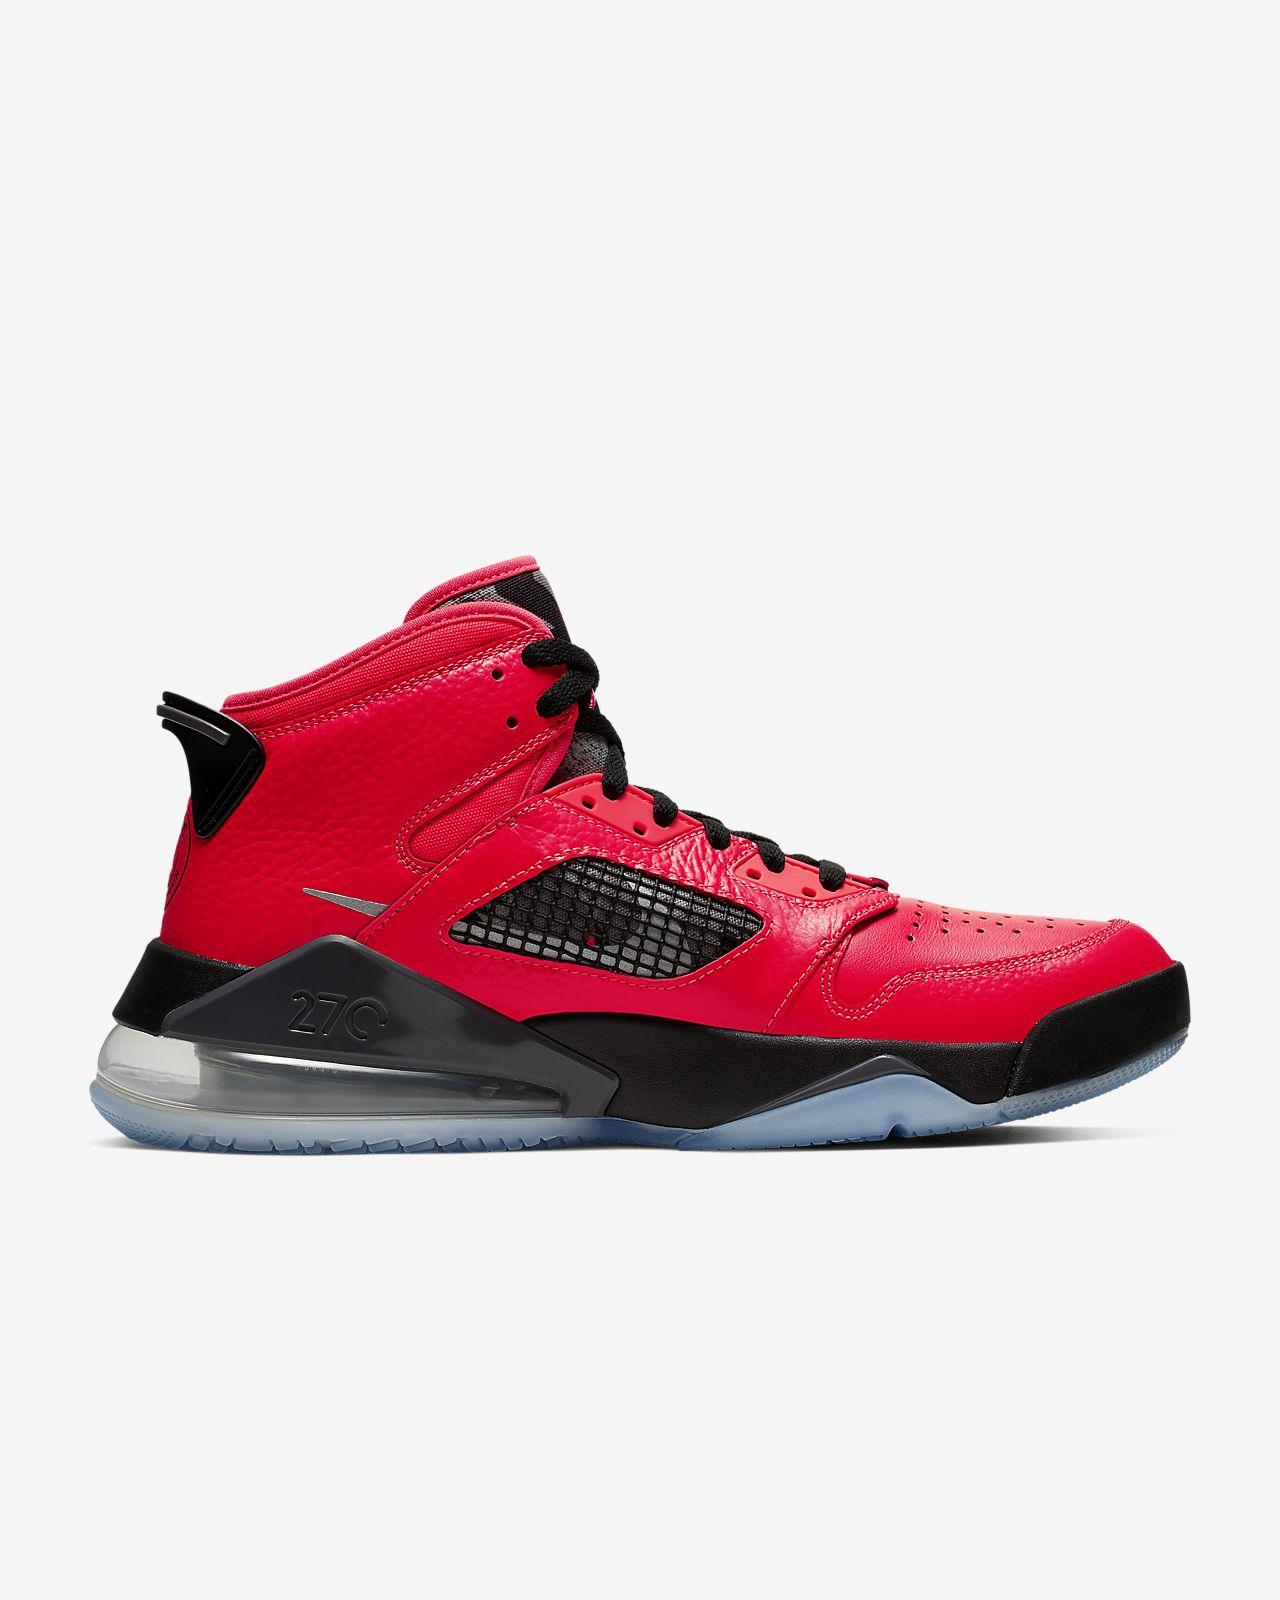 Nouveaux produits ca1f5 ff716 Chaussure Jordan Mars 270 Paris Saint-Germain pour Homme